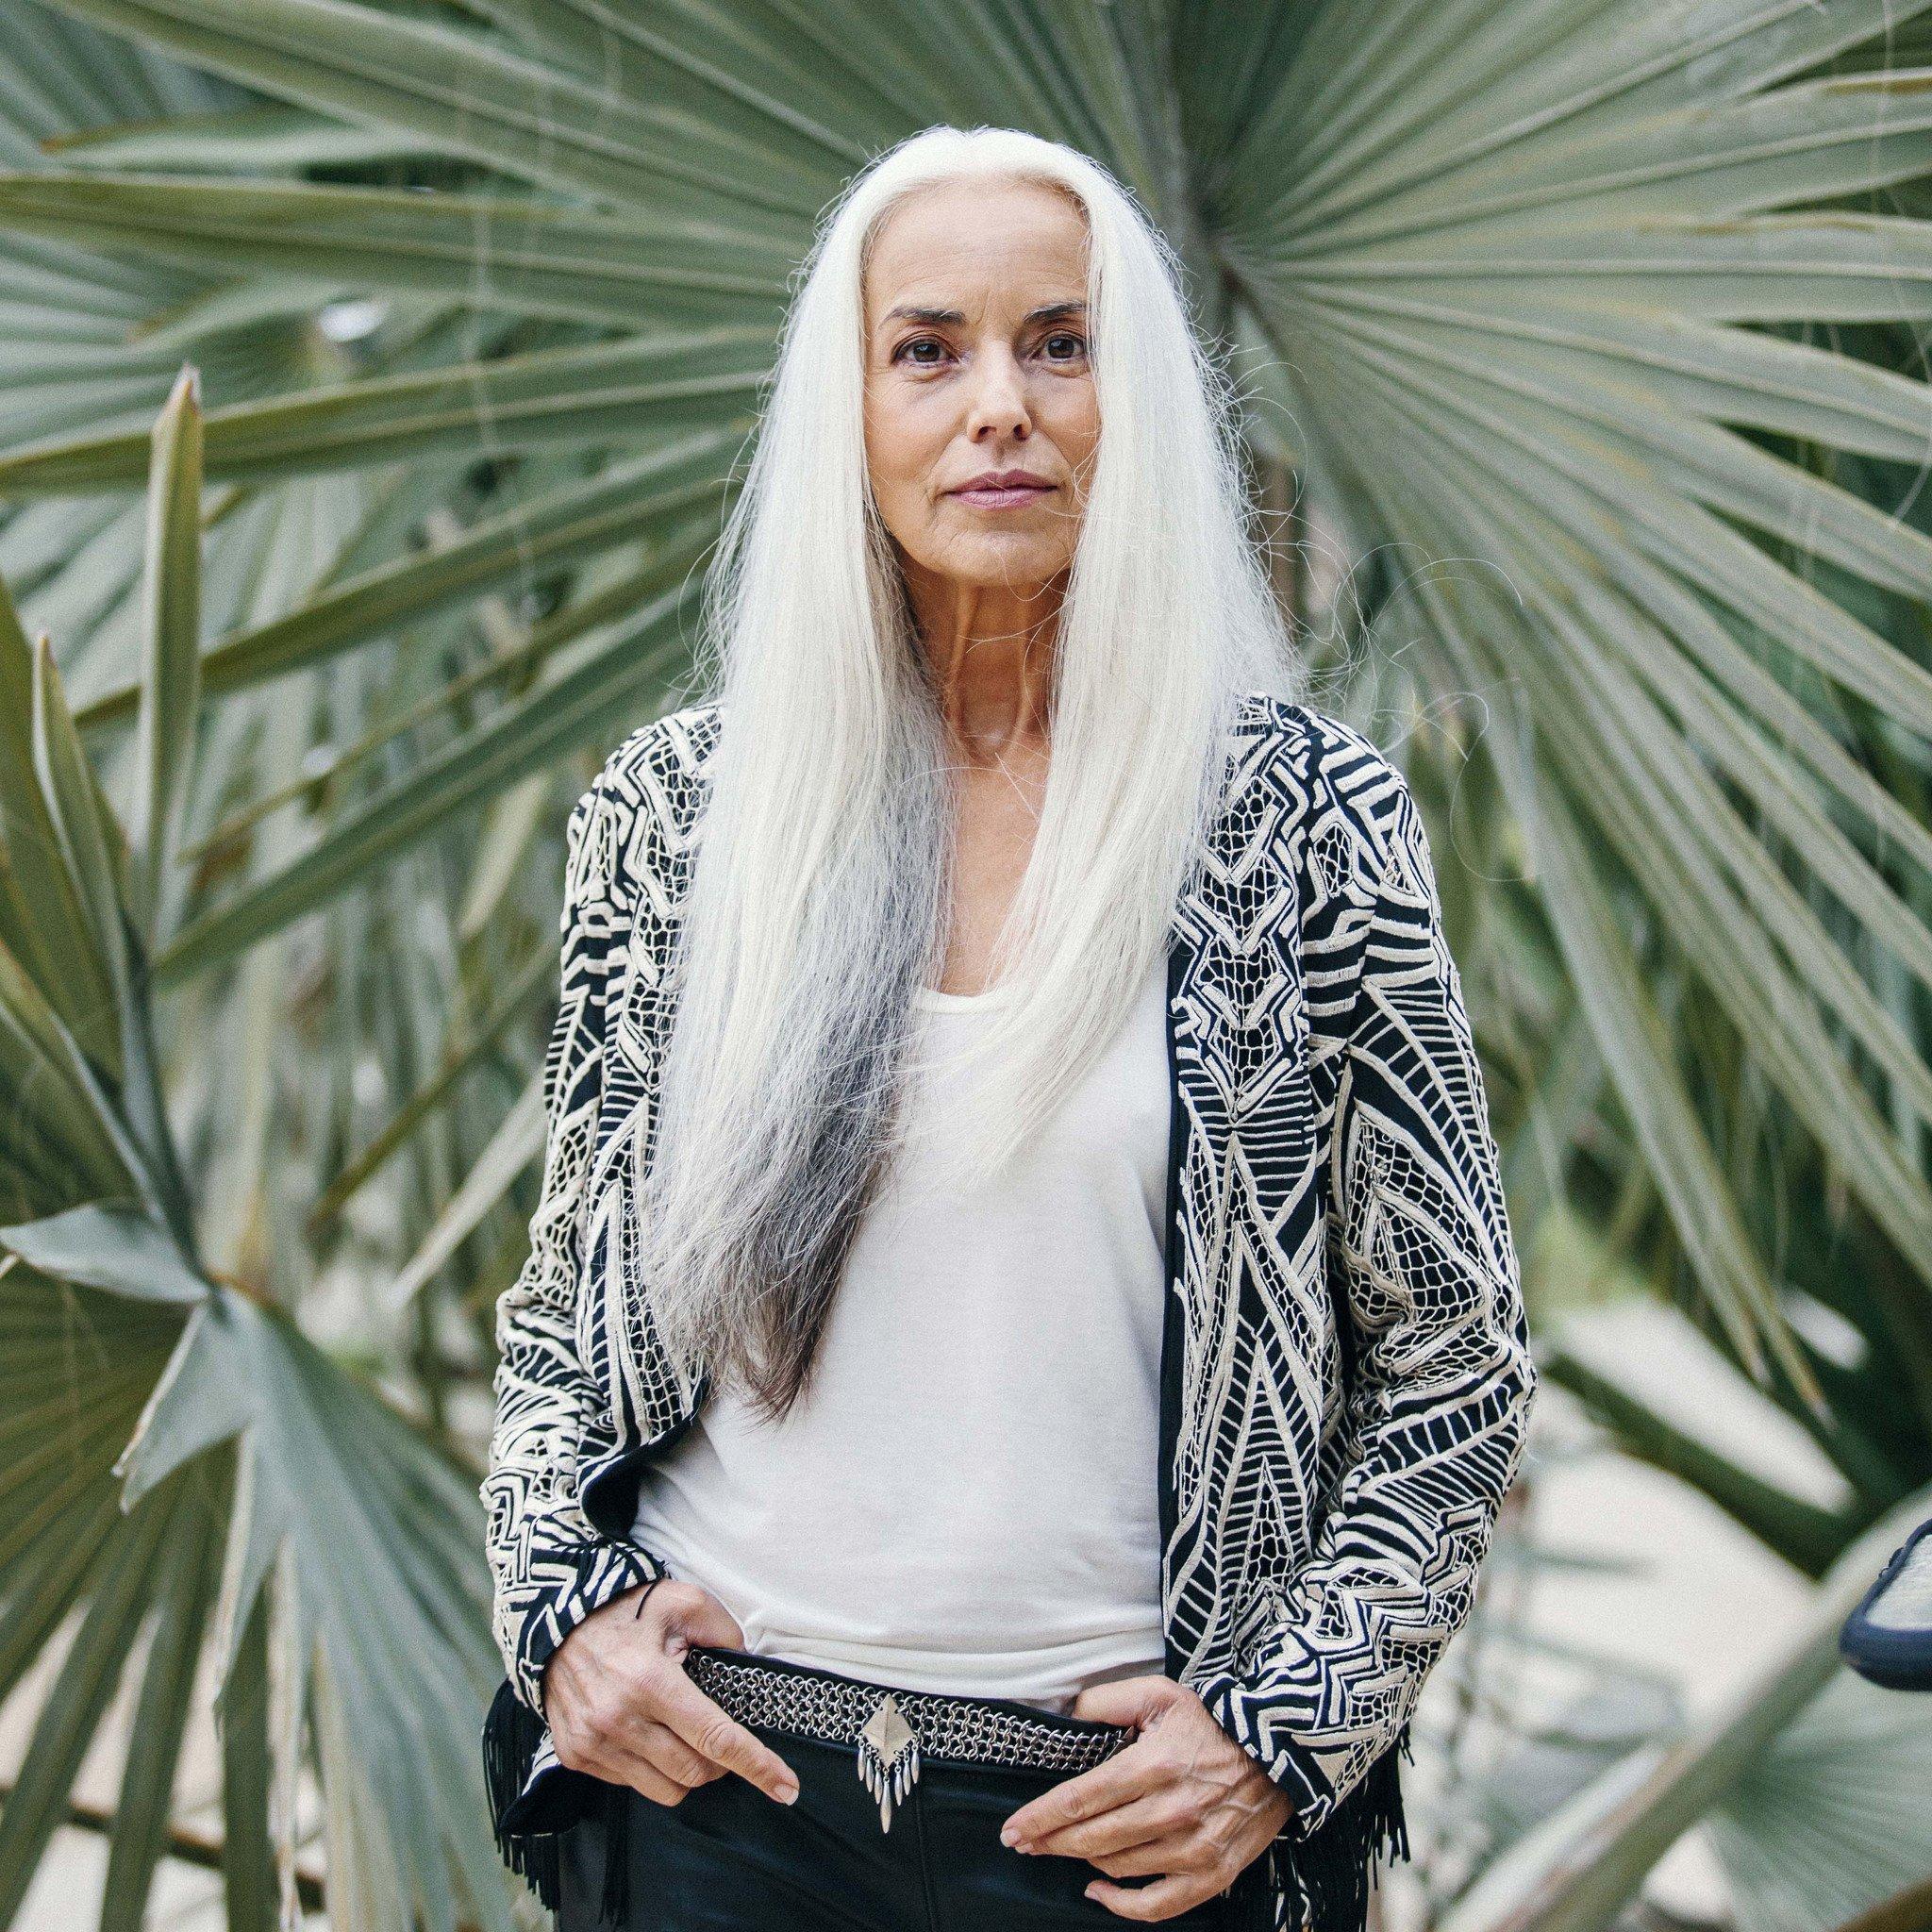 Az ezüsthajú, korzikai származású Yasmina Rossi 60 felett is gyönyörű